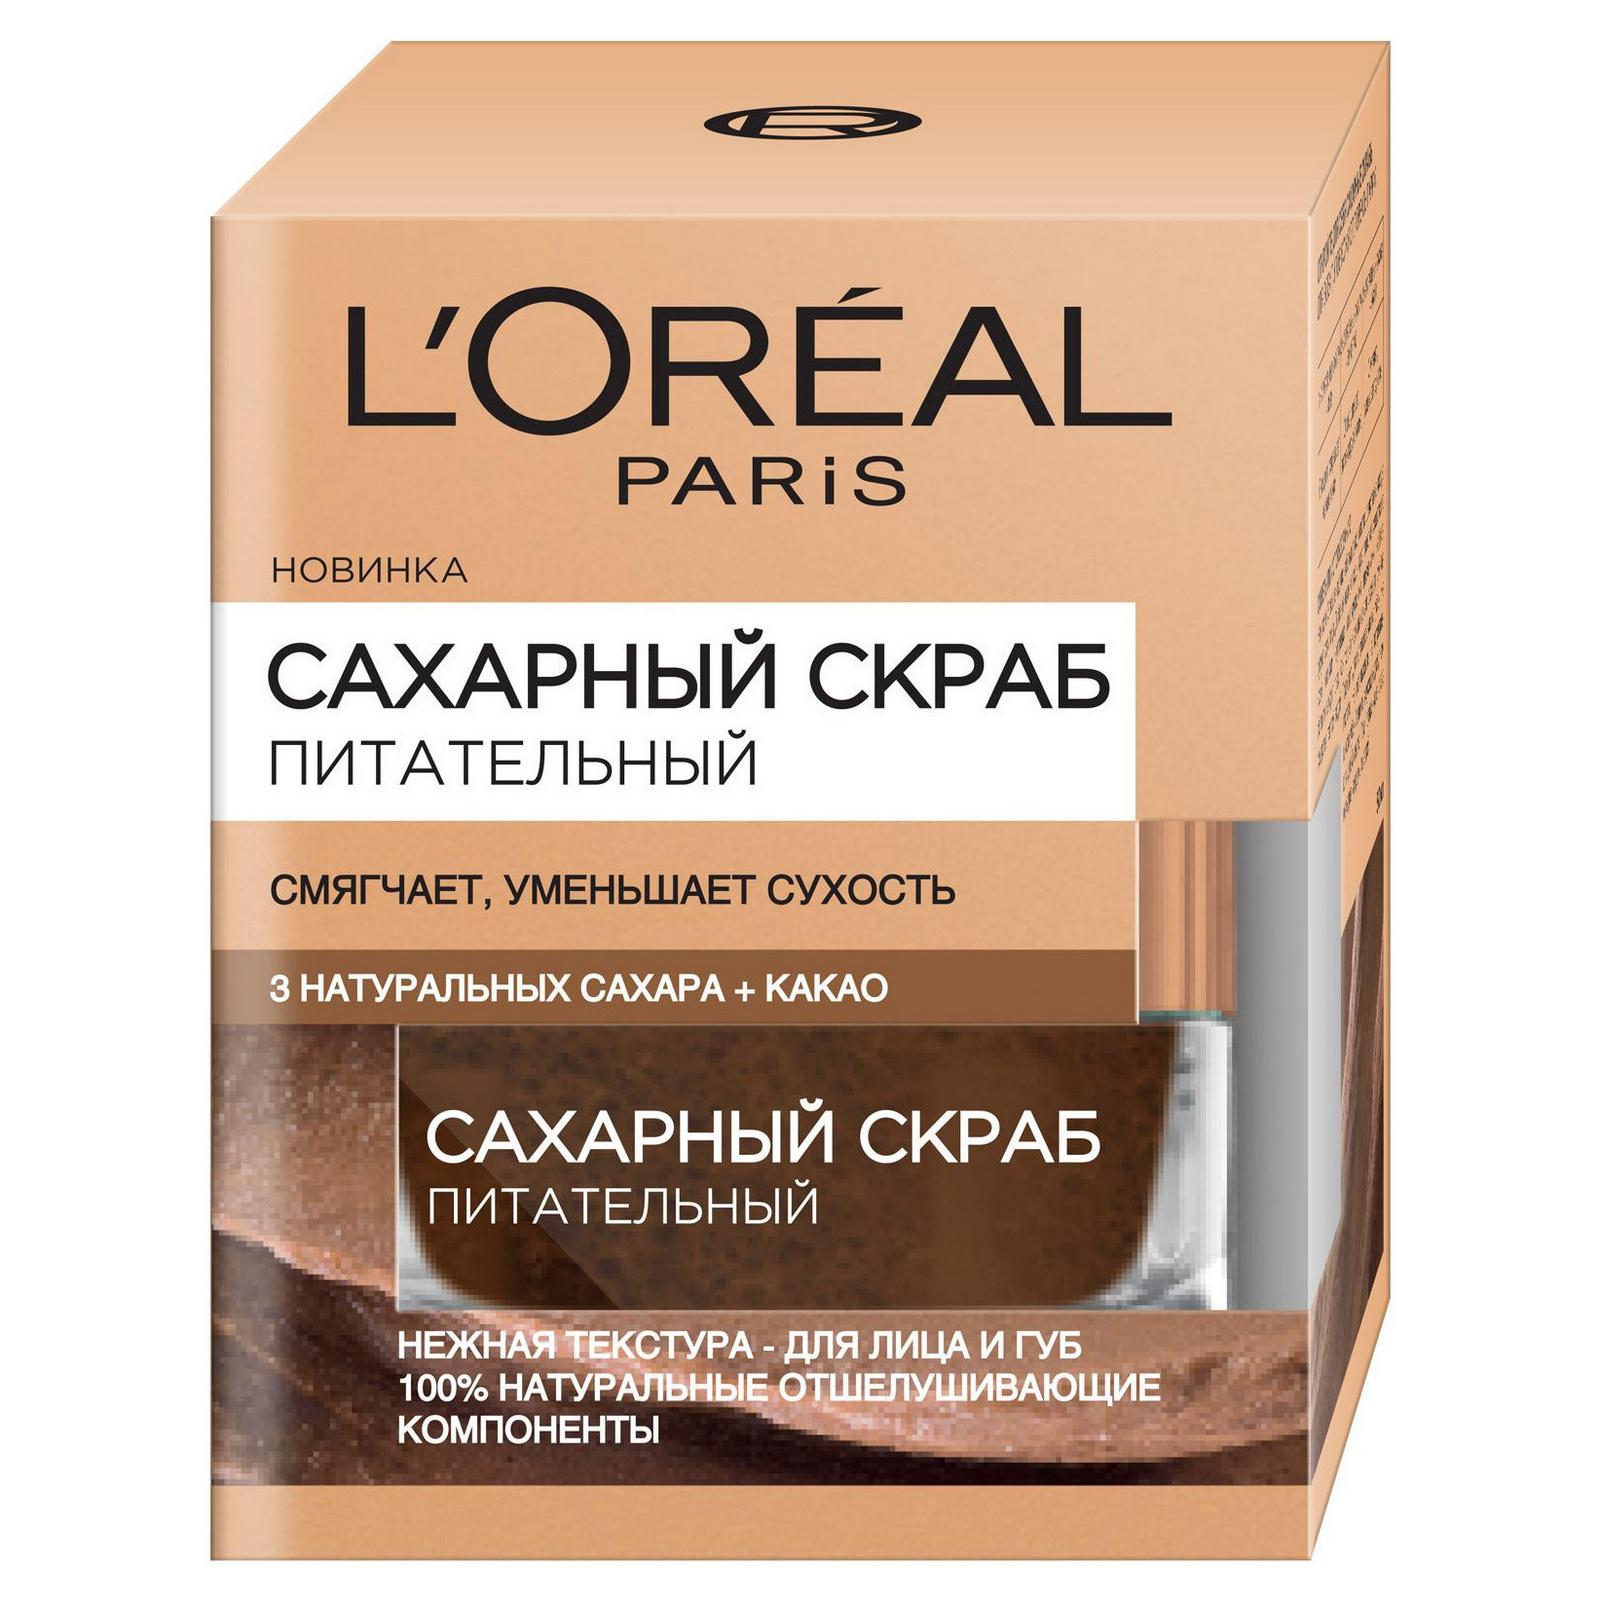 Миниатюра Скраб для лица L'Oreal сахарный, питательный, 50 мл №1